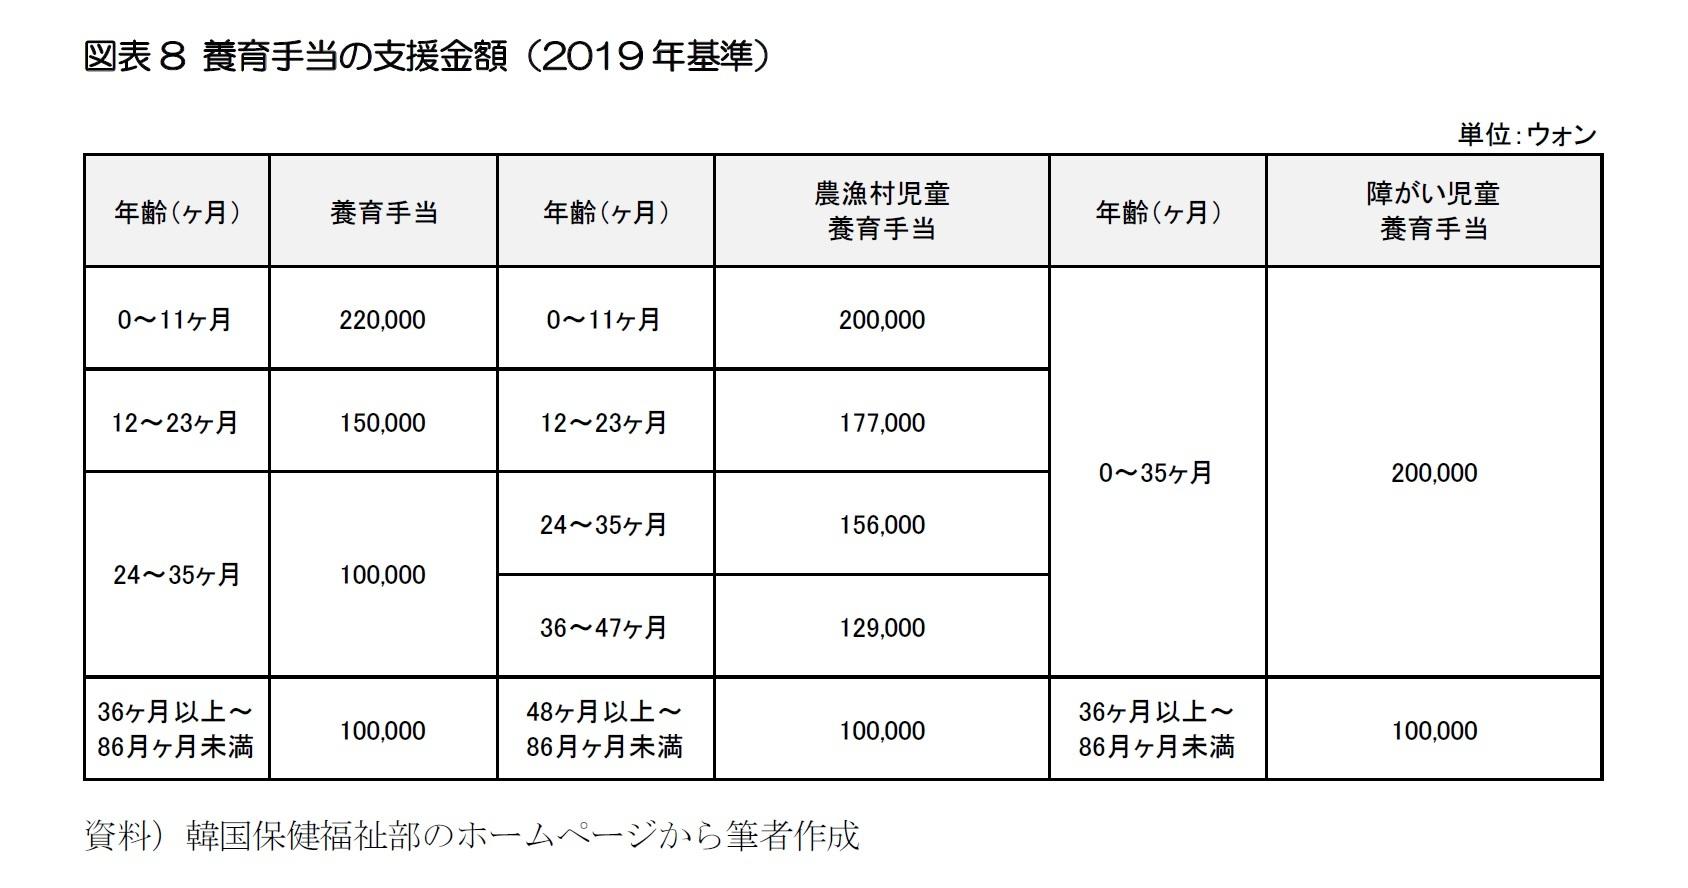 図表8 養育手当の支援金額(2019年基準)